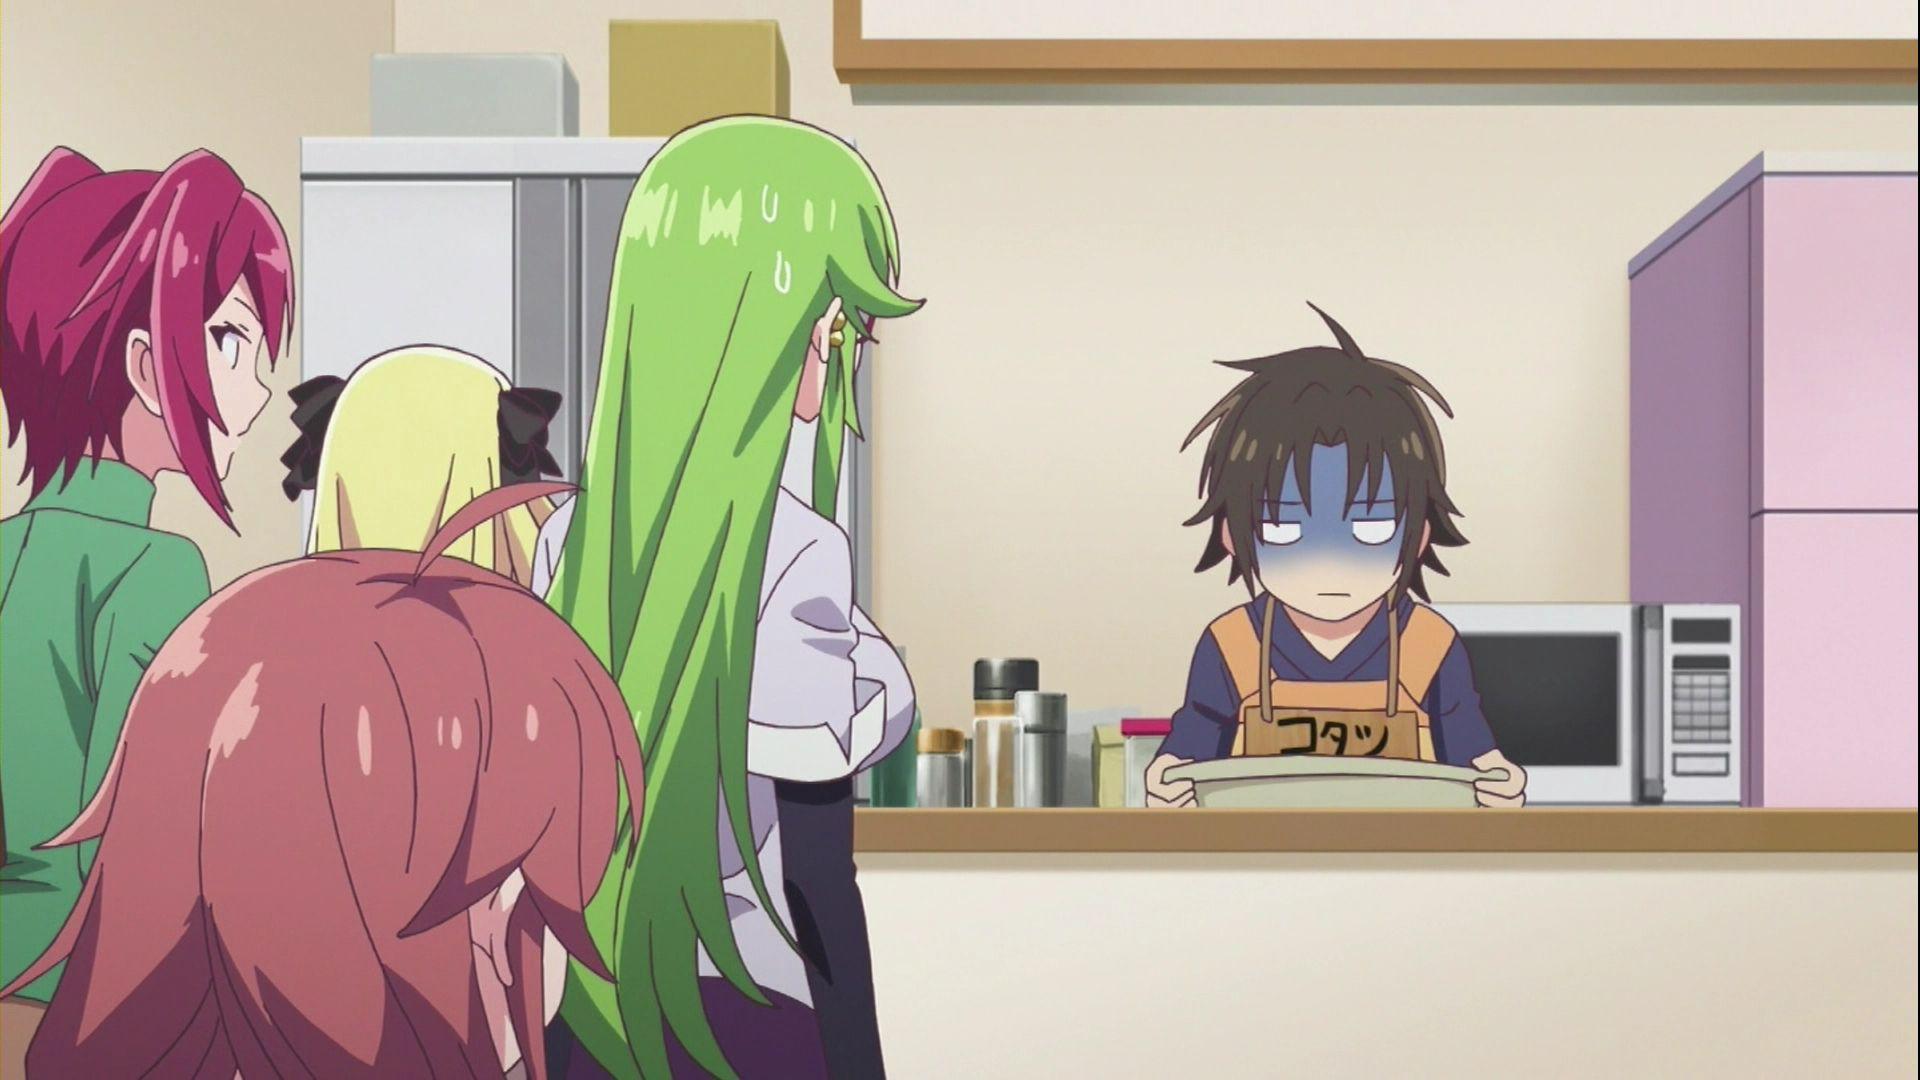 MegamiRyounoRyoubokun Episode9 40